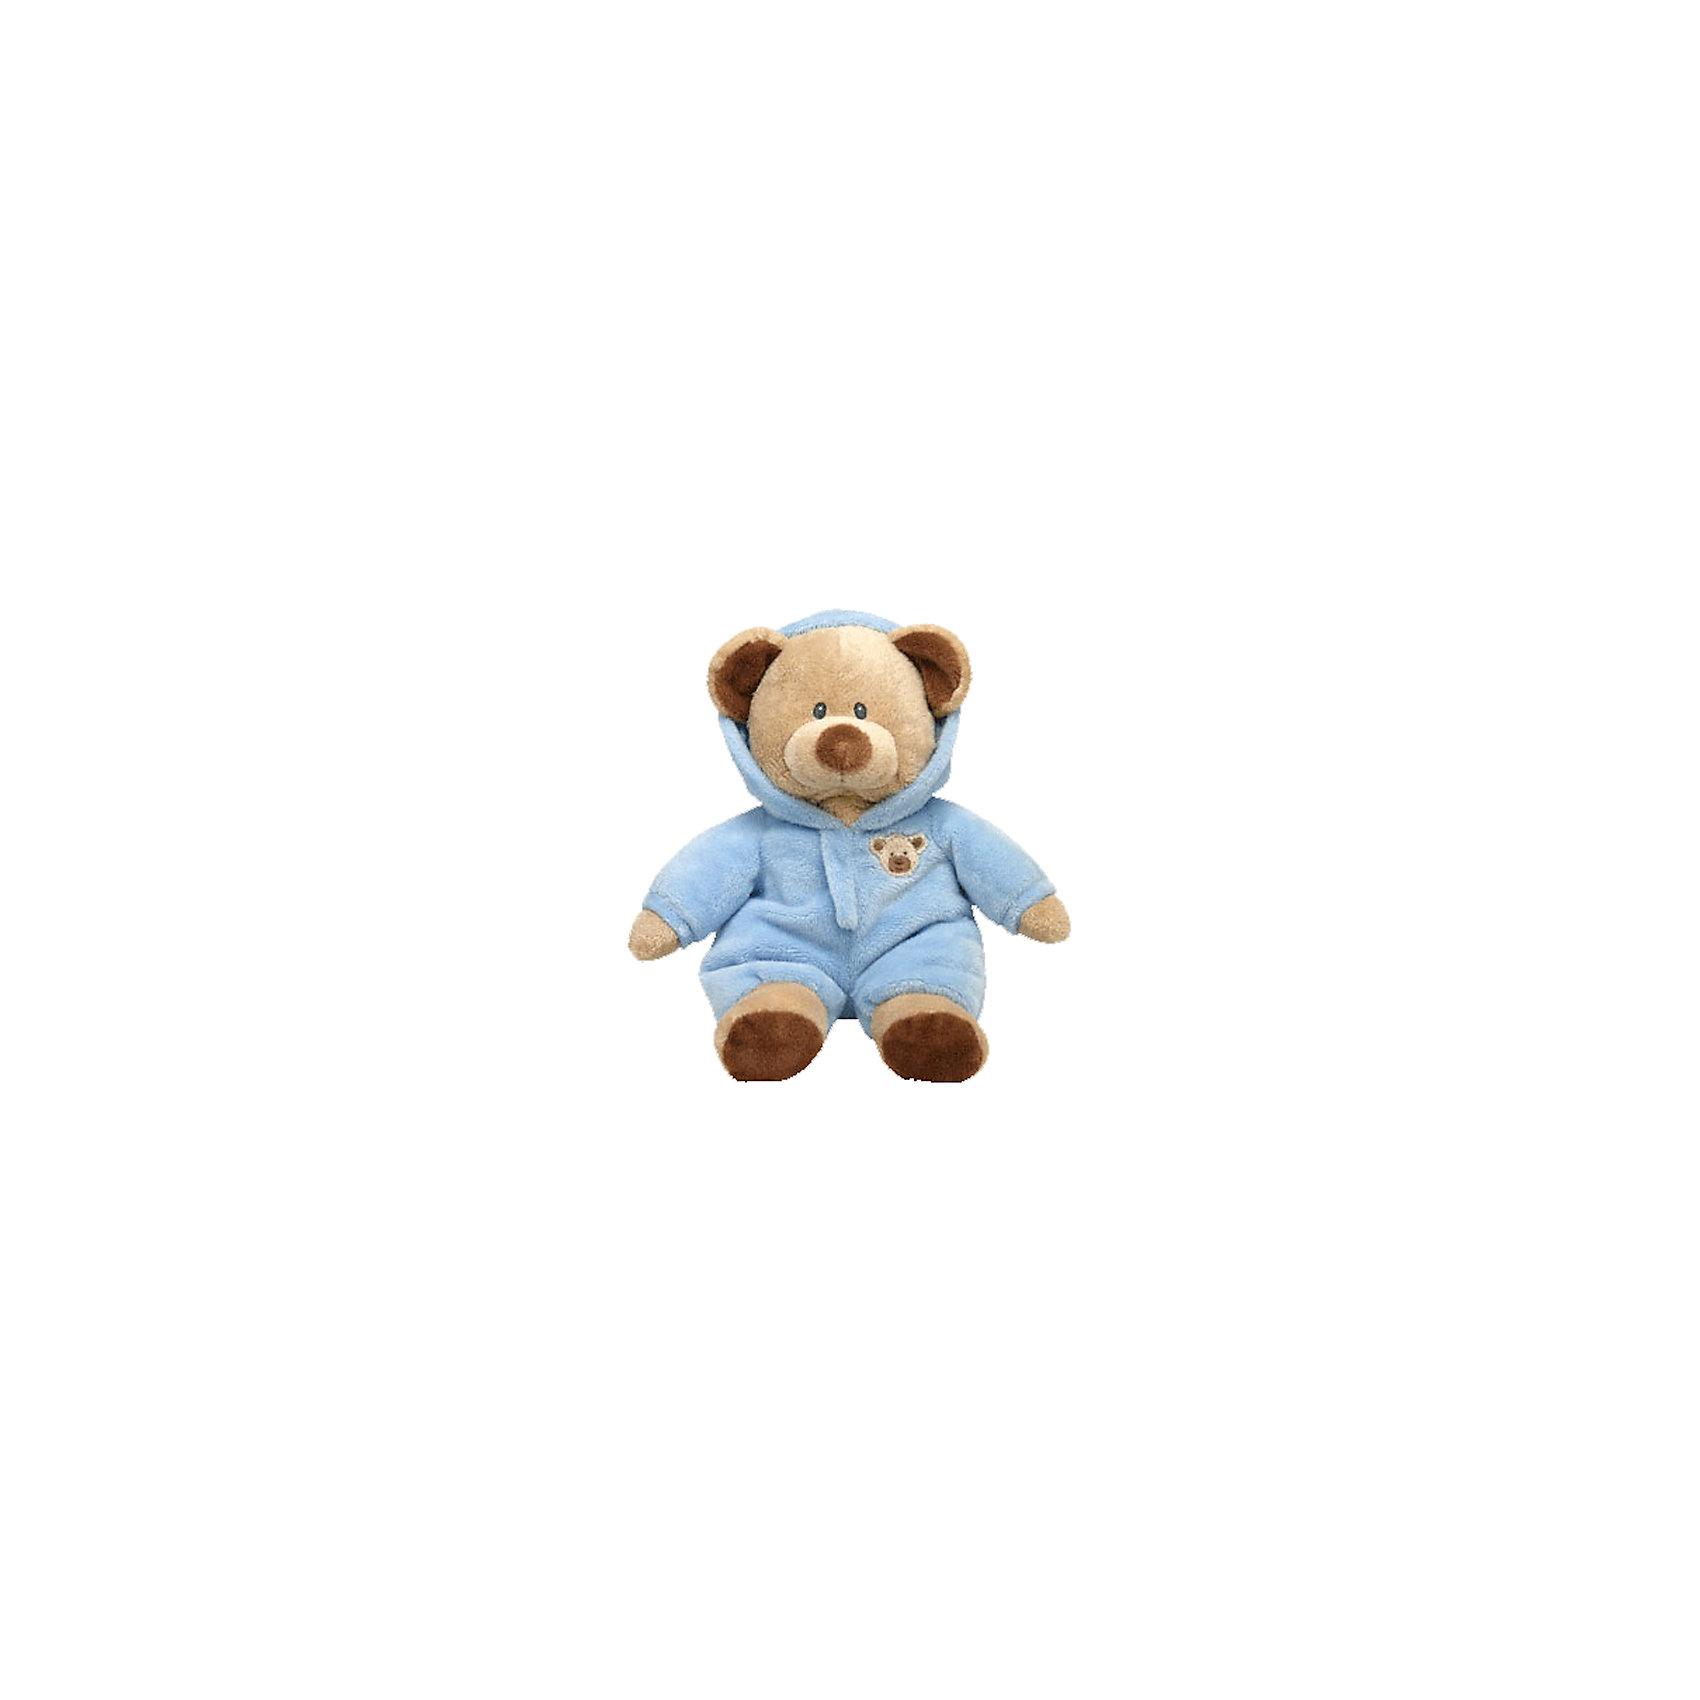 Медведь (коричневый) в голубой одежде, 25 смЗвери и птицы<br>Мягкий плюшевый медвежонок в голубой одежде, 25 см, Ty станет самым лучшим другом Вашему малышу и любимой игрушкой, с которой можно весело играть днем и уютно засыпать ночью. Игрушечный медвежонок составит приятную компанию малышу на прогулке. Игрушка понравится как мальчикам, так и девочкам. Очаровательный коричневый медвежонок в комбинезоне голубого цвета с капюшоном еще никого не оставлял равнодушным! Ребенок может разыгрывать любые сюжеты с забавным другом, благодаря чему у него будет развиваться фантазия, воображение, а также навыки сюжетно-ролевой игры. Заботясь о маленьком друге, малыш научится бережному отношению к своим вещам, игрушкам и животным. Игрушка изготовлена из высококачественных материалов и безопасна для здоровья ребенка.<br><br>Дополнительная информация:<br><br>- Игрушка развивает: тактильные навыки, зрительную координацию, мелкую моторику рук<br>- Яркие и стойкие цвета приятны для глаз<br>- Материал: текстиль, искусственный мех<br>- Наполнение: синтепон<br>- Глазки пластиковые<br>- Высота игрушки: 25 см.<br><br>Мягкая игрушка Медведь в голубой одежде, 25 см, Ty - подарите себе и своему ребенку частичку радости!<br><br>Мягкую игрушку Медведь в голубой одежде, 25 см, Ty можно купить в нашем интернет-магазине.<br><br>Ширина мм: 250<br>Глубина мм: 130<br>Высота мм: 80<br>Вес г: 140<br>Возраст от месяцев: 0<br>Возраст до месяцев: 60<br>Пол: Мужской<br>Возраст: Детский<br>SKU: 3163616